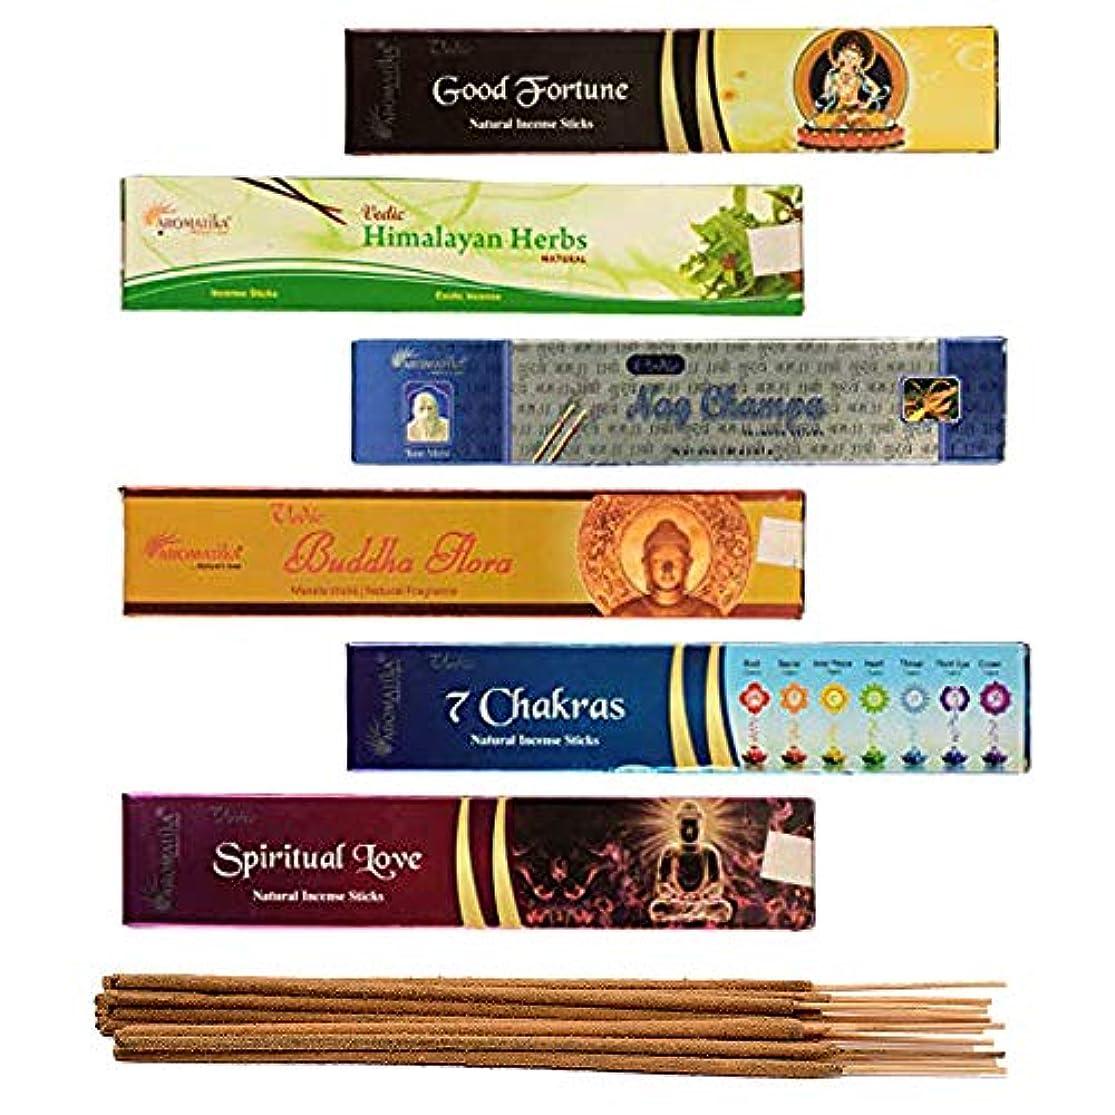 スロープセマフォマットaromatika 6 Assorted Masala Incense Sticks Vedic Nag Champa、7チャクラ、ブッダFlora、Himalayanハーブ、Good Fortune、Spiritual...